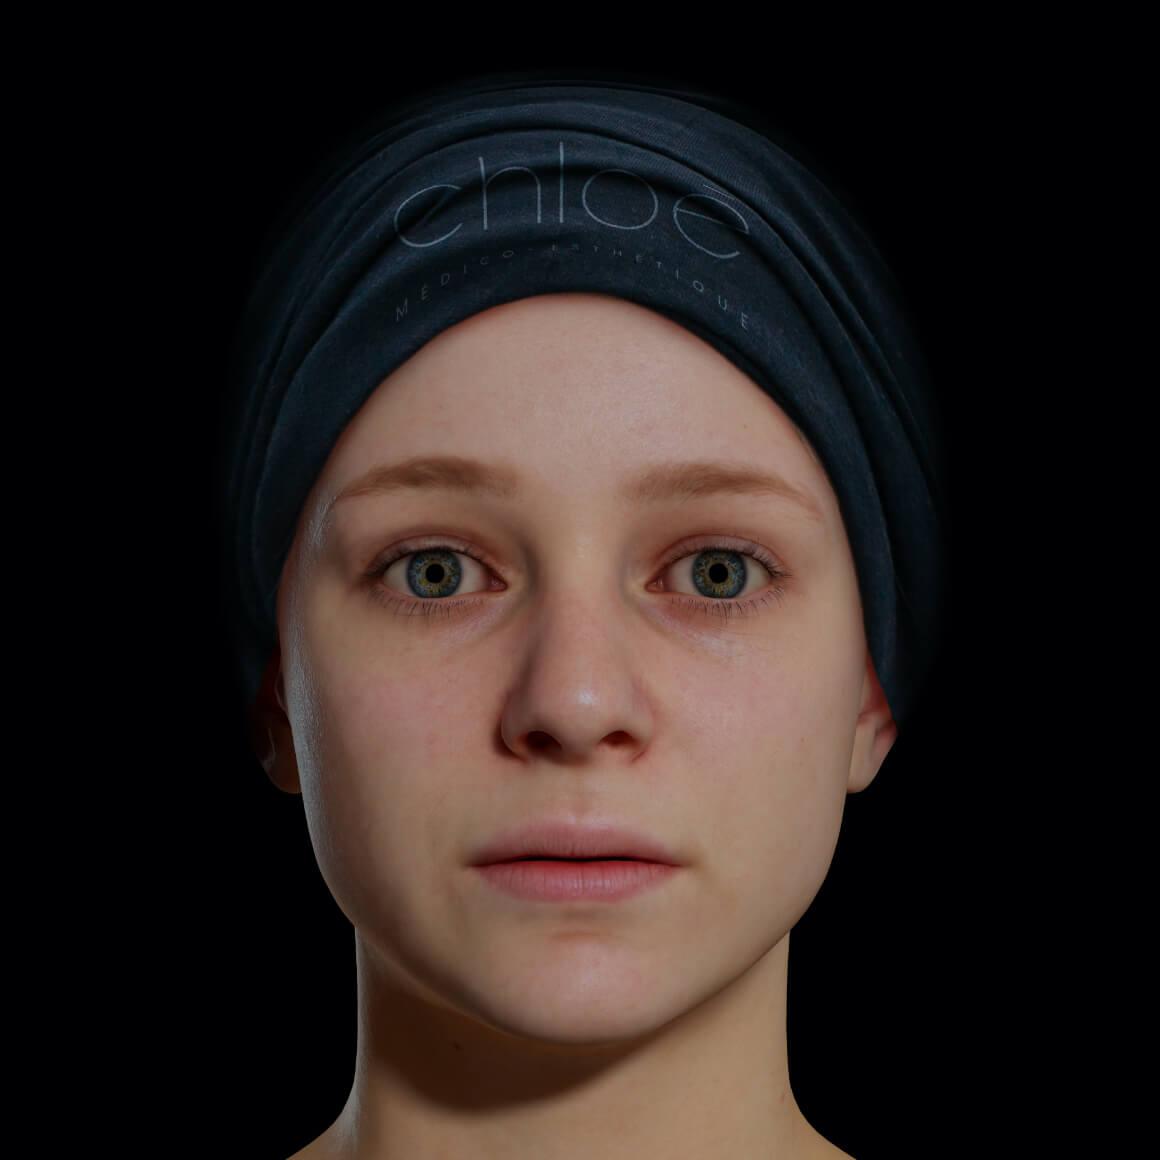 Jeune patiente de la Clinique Chloé positionnée de face après des traitements de microneedling pour effacer les ridules